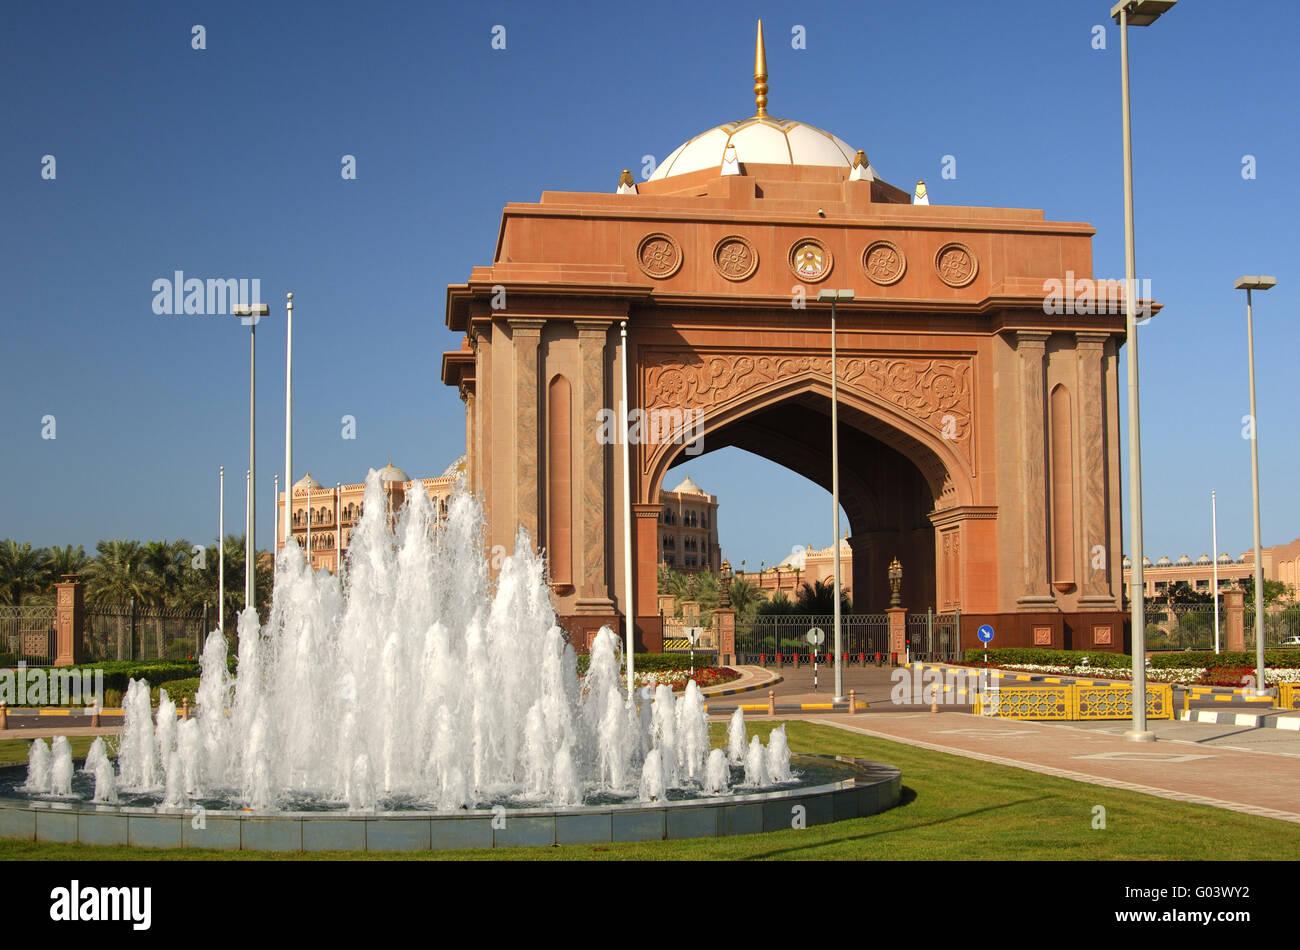 archway of the Emirates Palace Hotel, Abu Dhabi Stock Photo